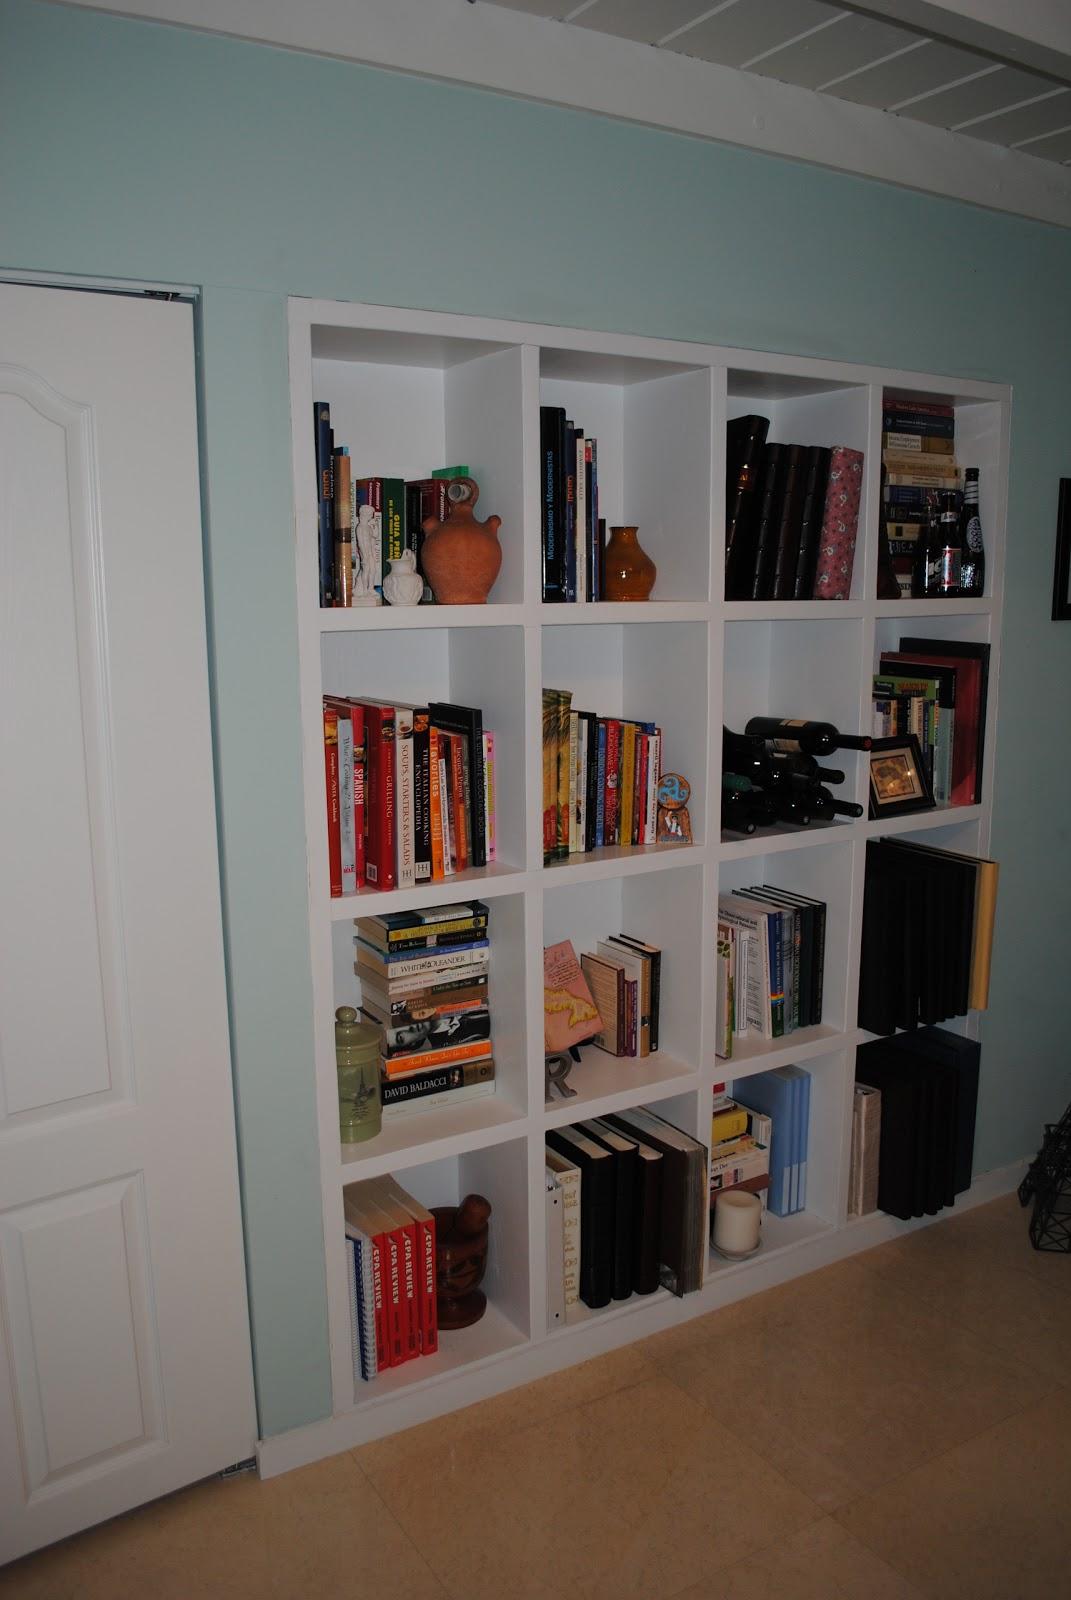 jandjhome: Built in Bookshelves